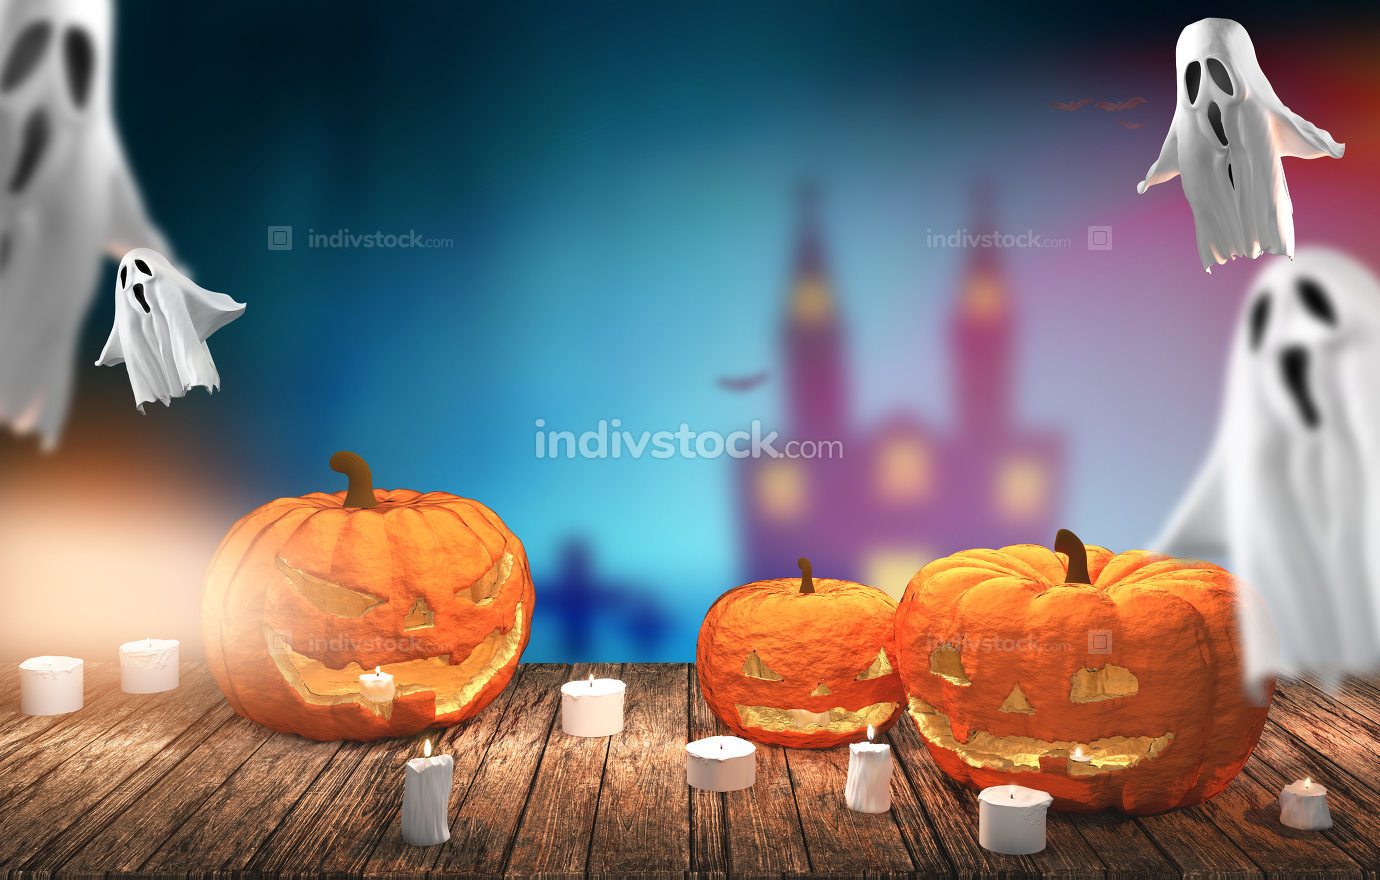 Halloween pumpkins 3D rendering